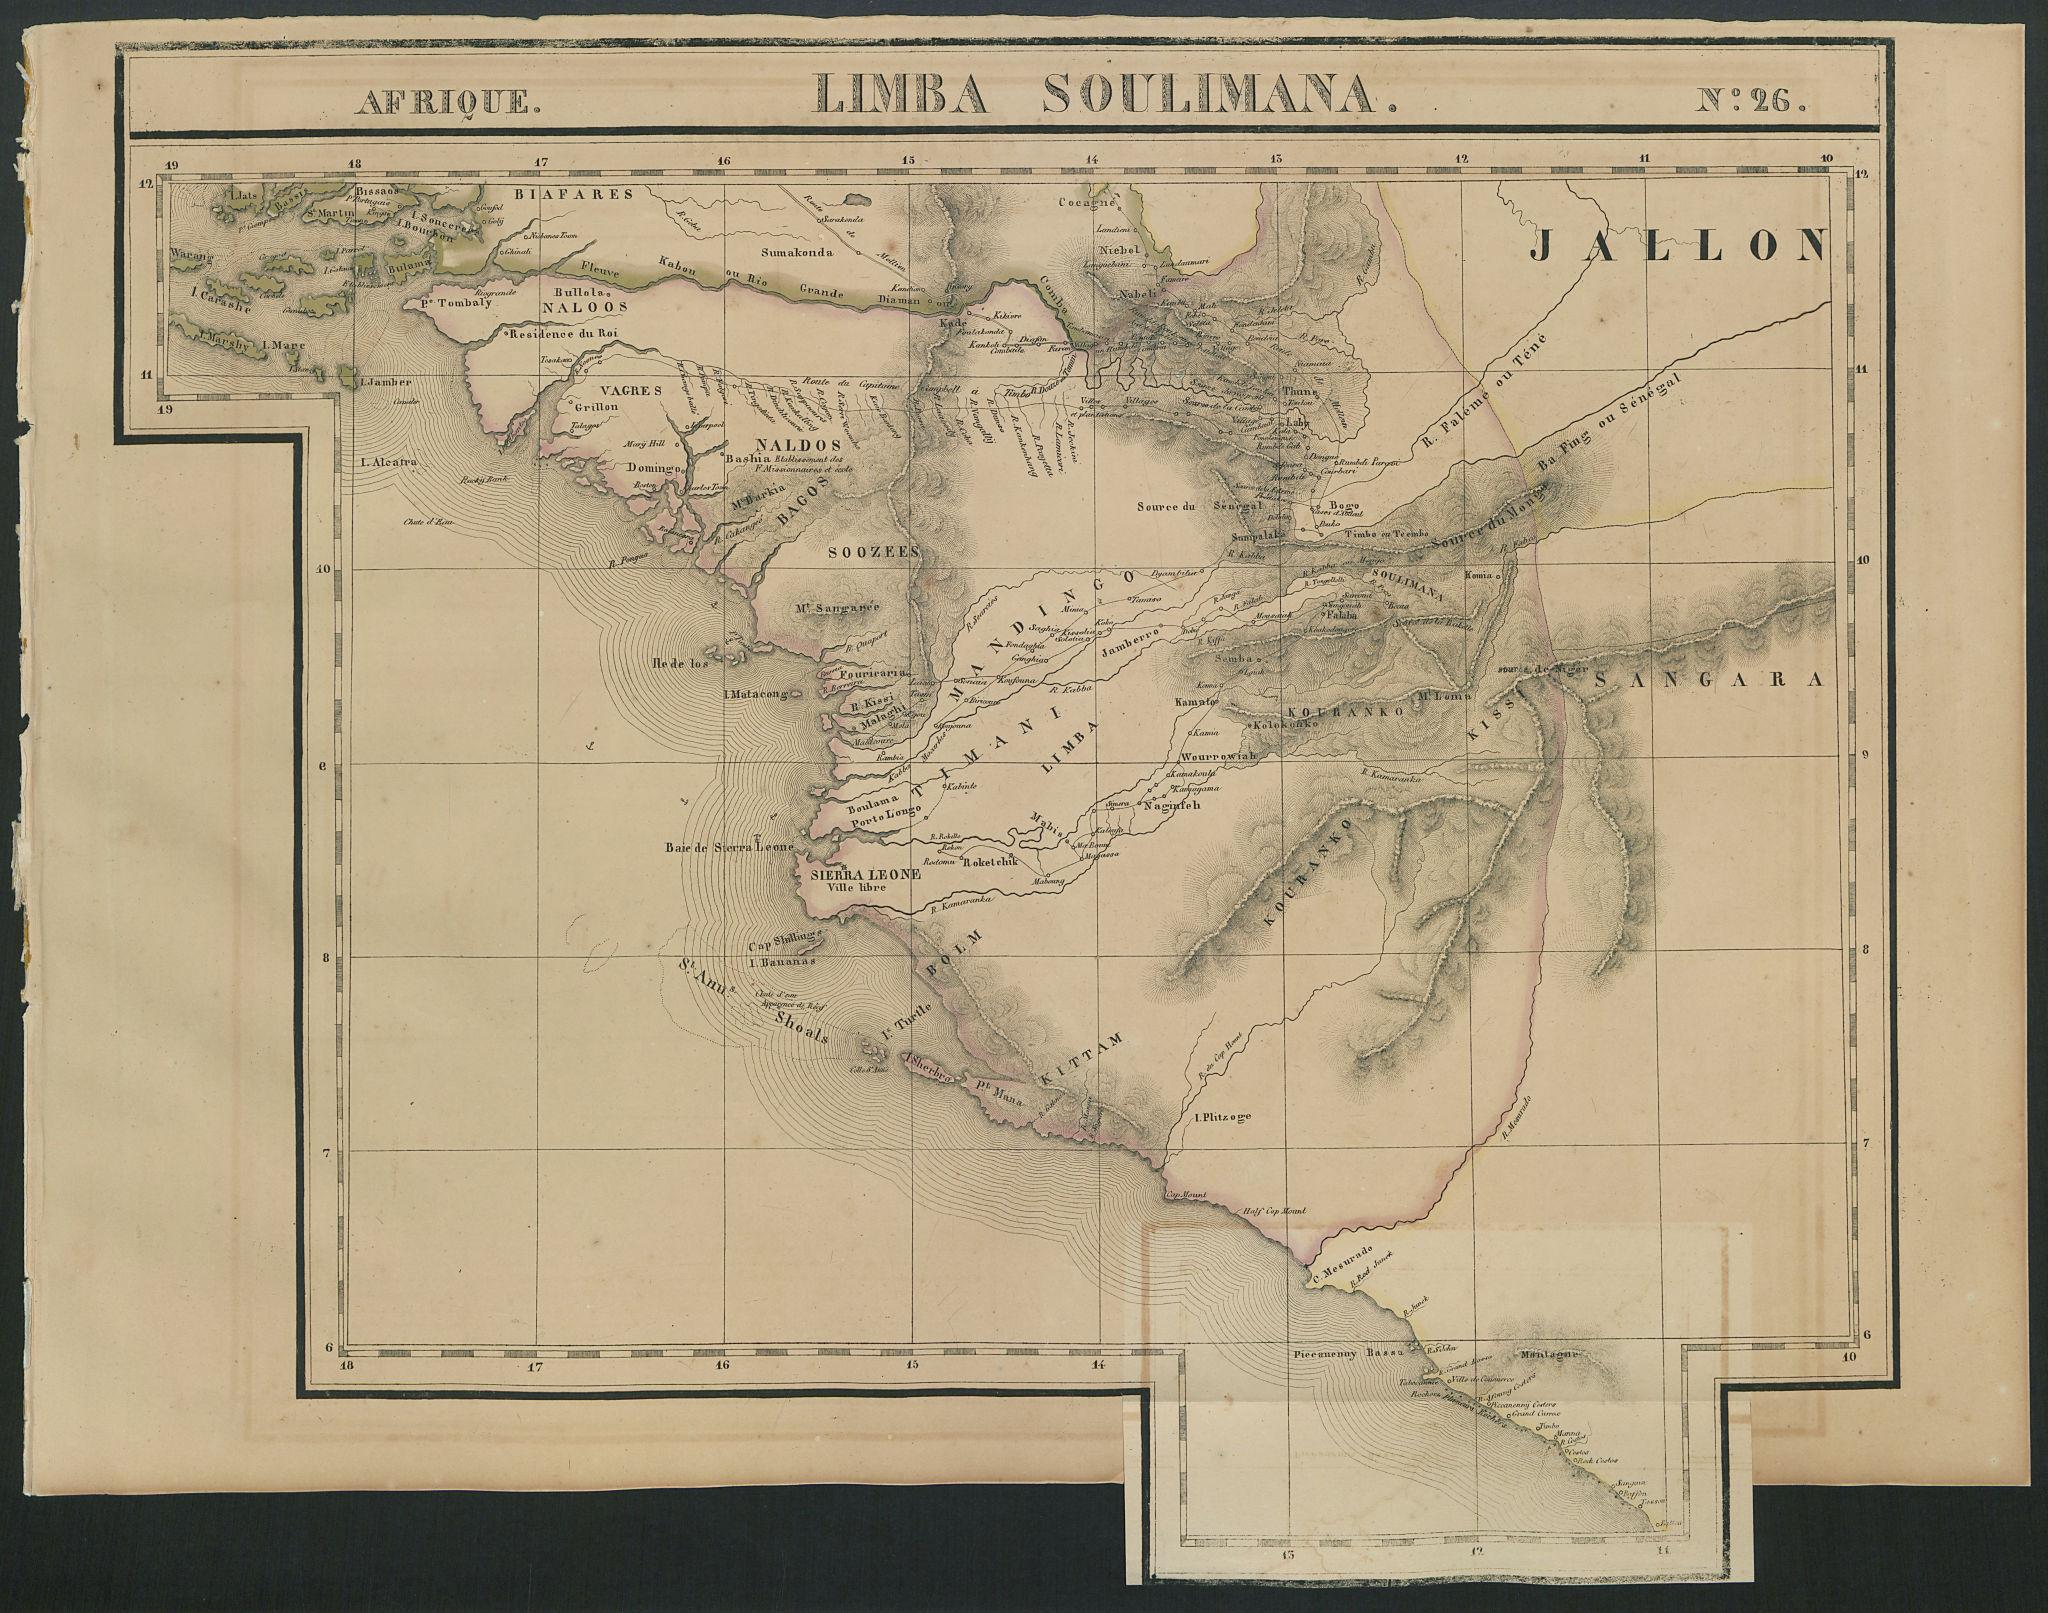 Afrique. Limba Soulimana #26. Guinea Sierra Leone Liberia. VANDERMAELEN 1827 map